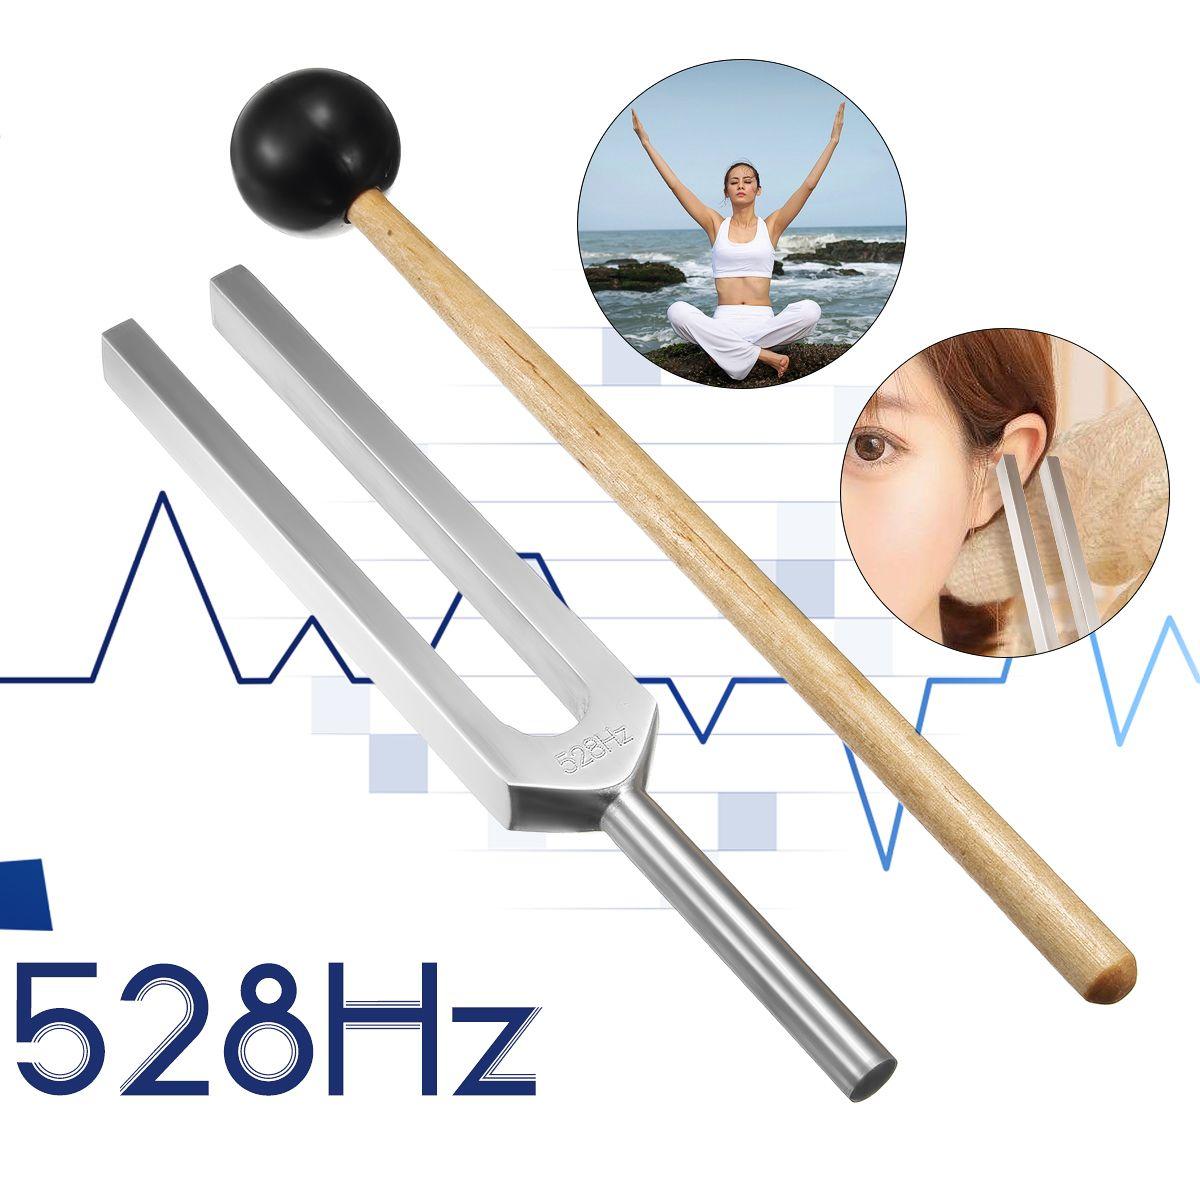 Diagnostic médical en aluminium 528 HZ de boule de marteau de Chakra de diapason avec le système nerveux réglé de maillet